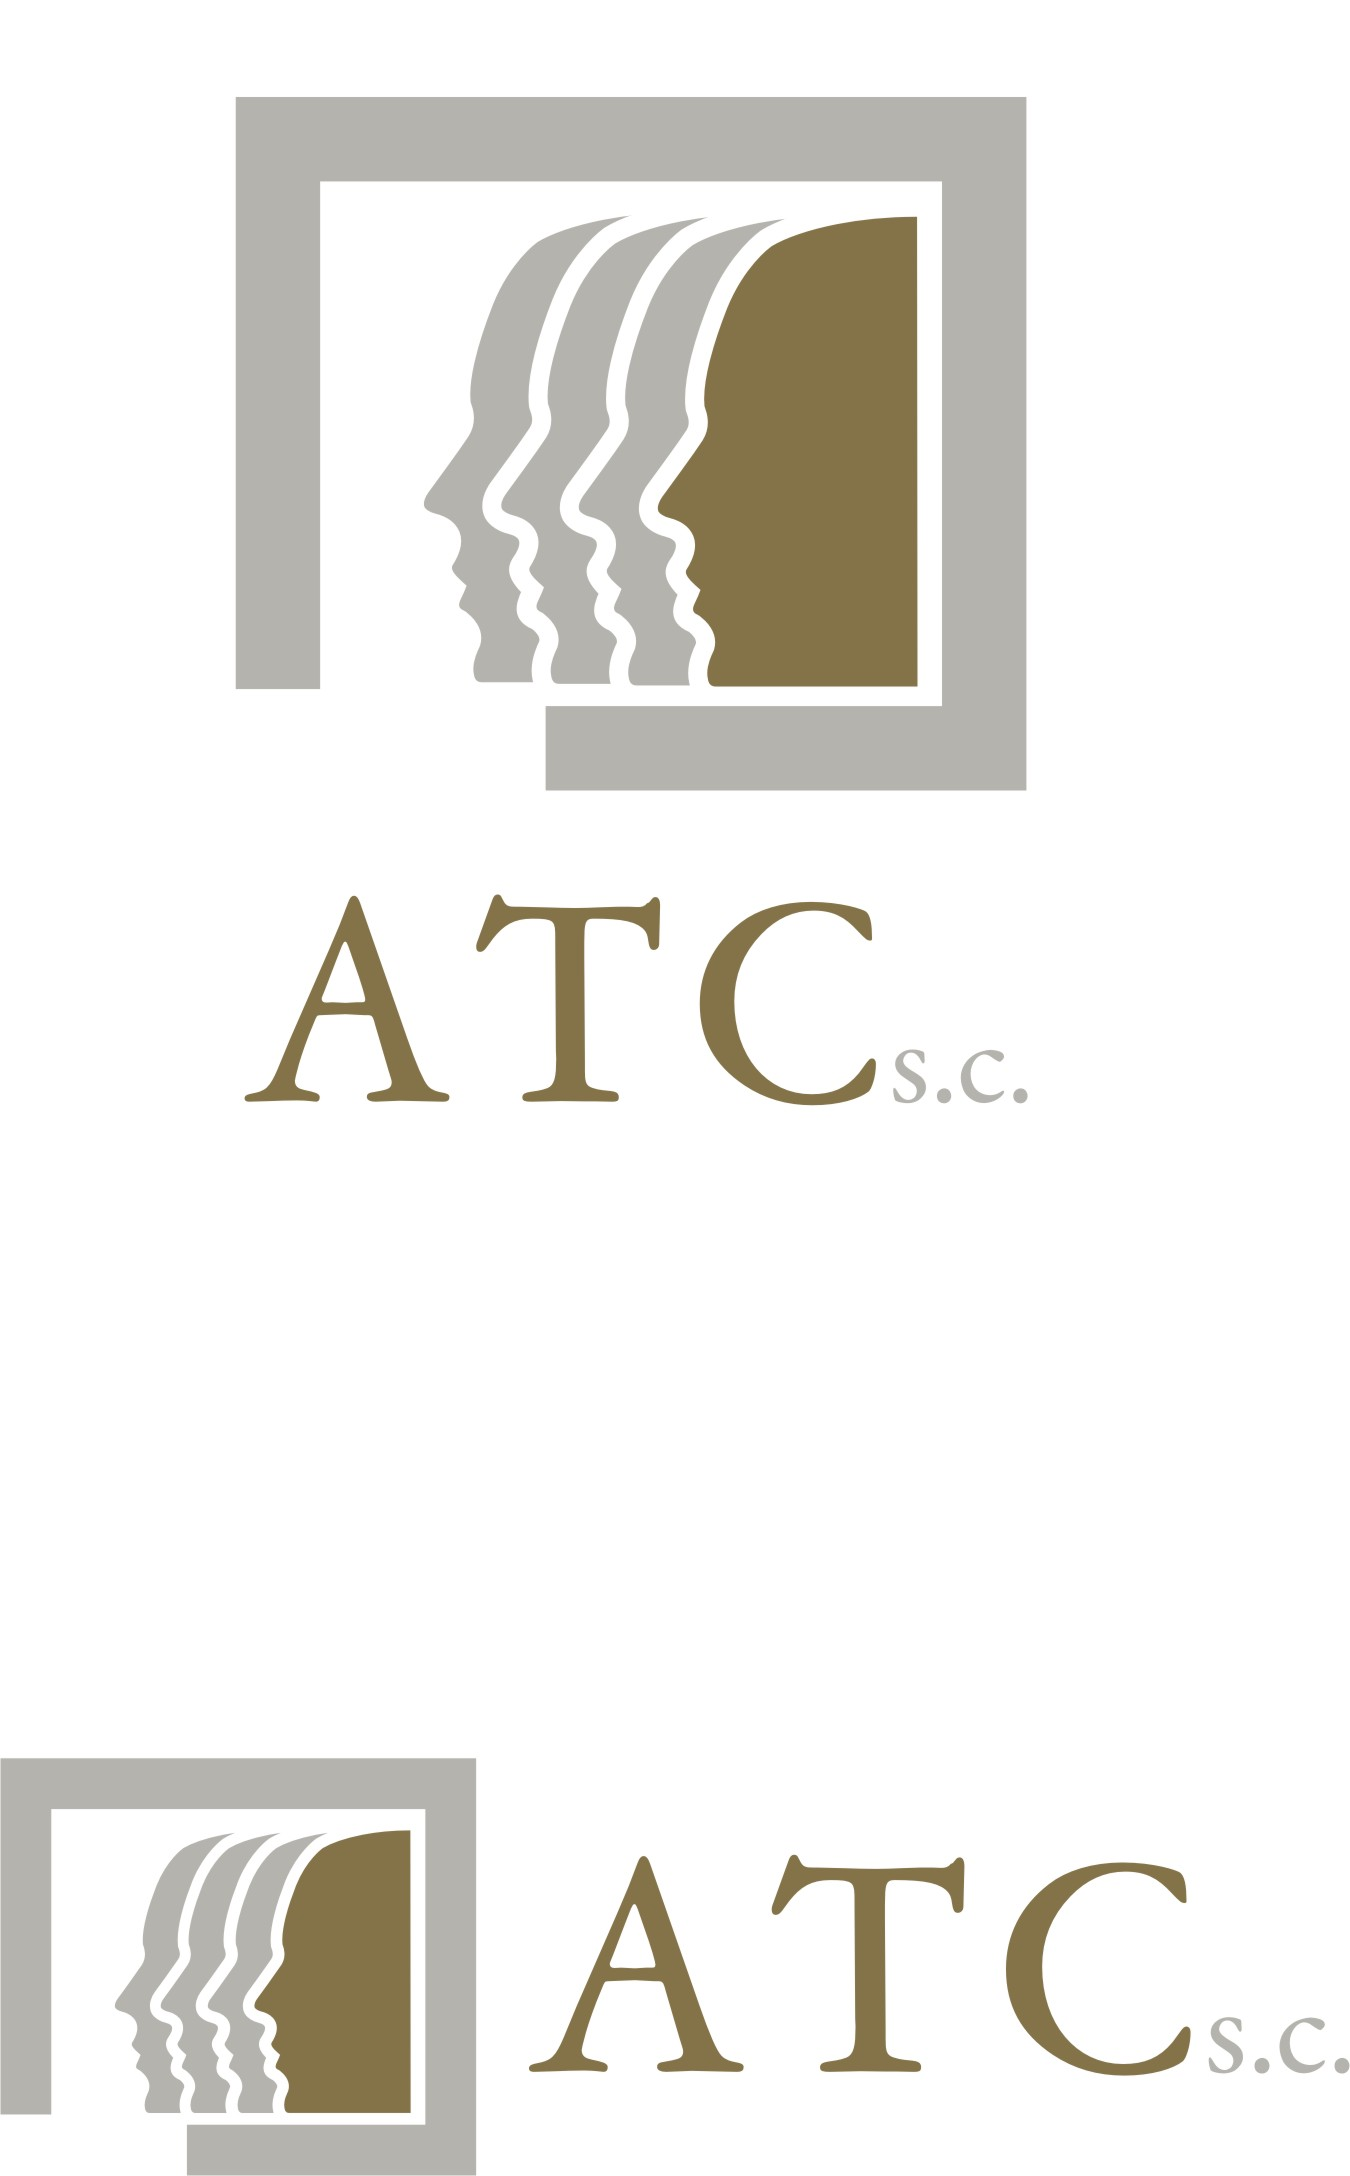 Logo ATC s.c. Wojciech Kaczmarek, Irena Kaczmarek, Daniel Kaczmarek